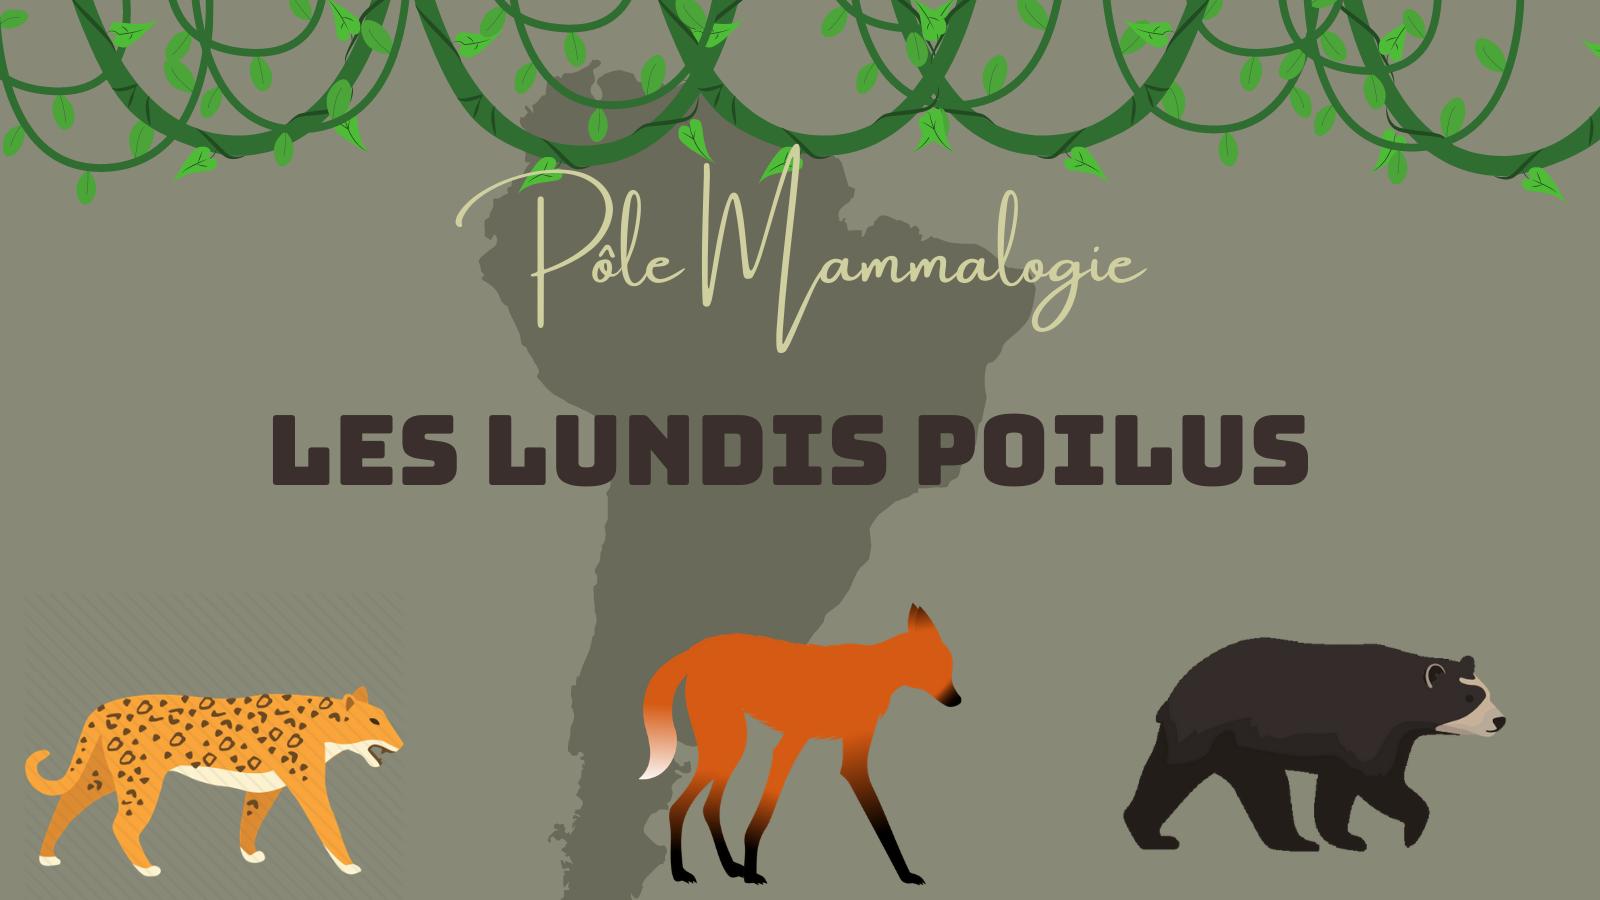 Les Lundis Poilus